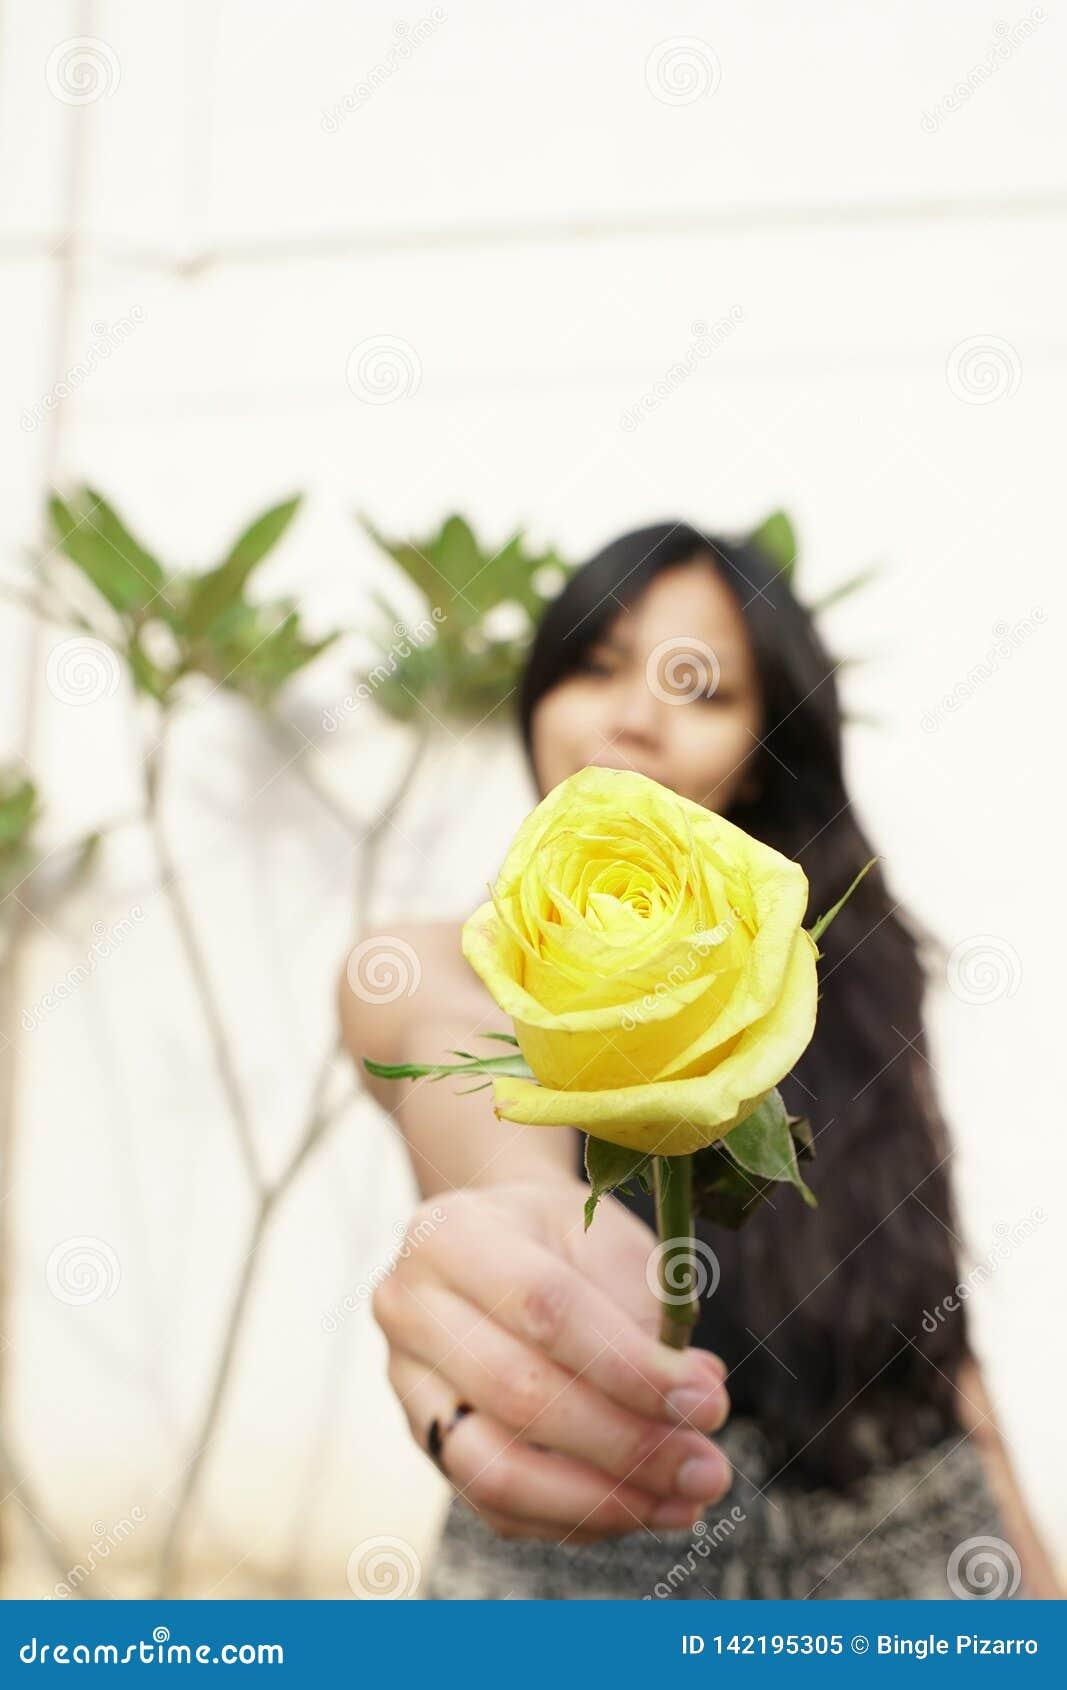 W górę kolor żółty róży kwiatu w dziewczyny ręce